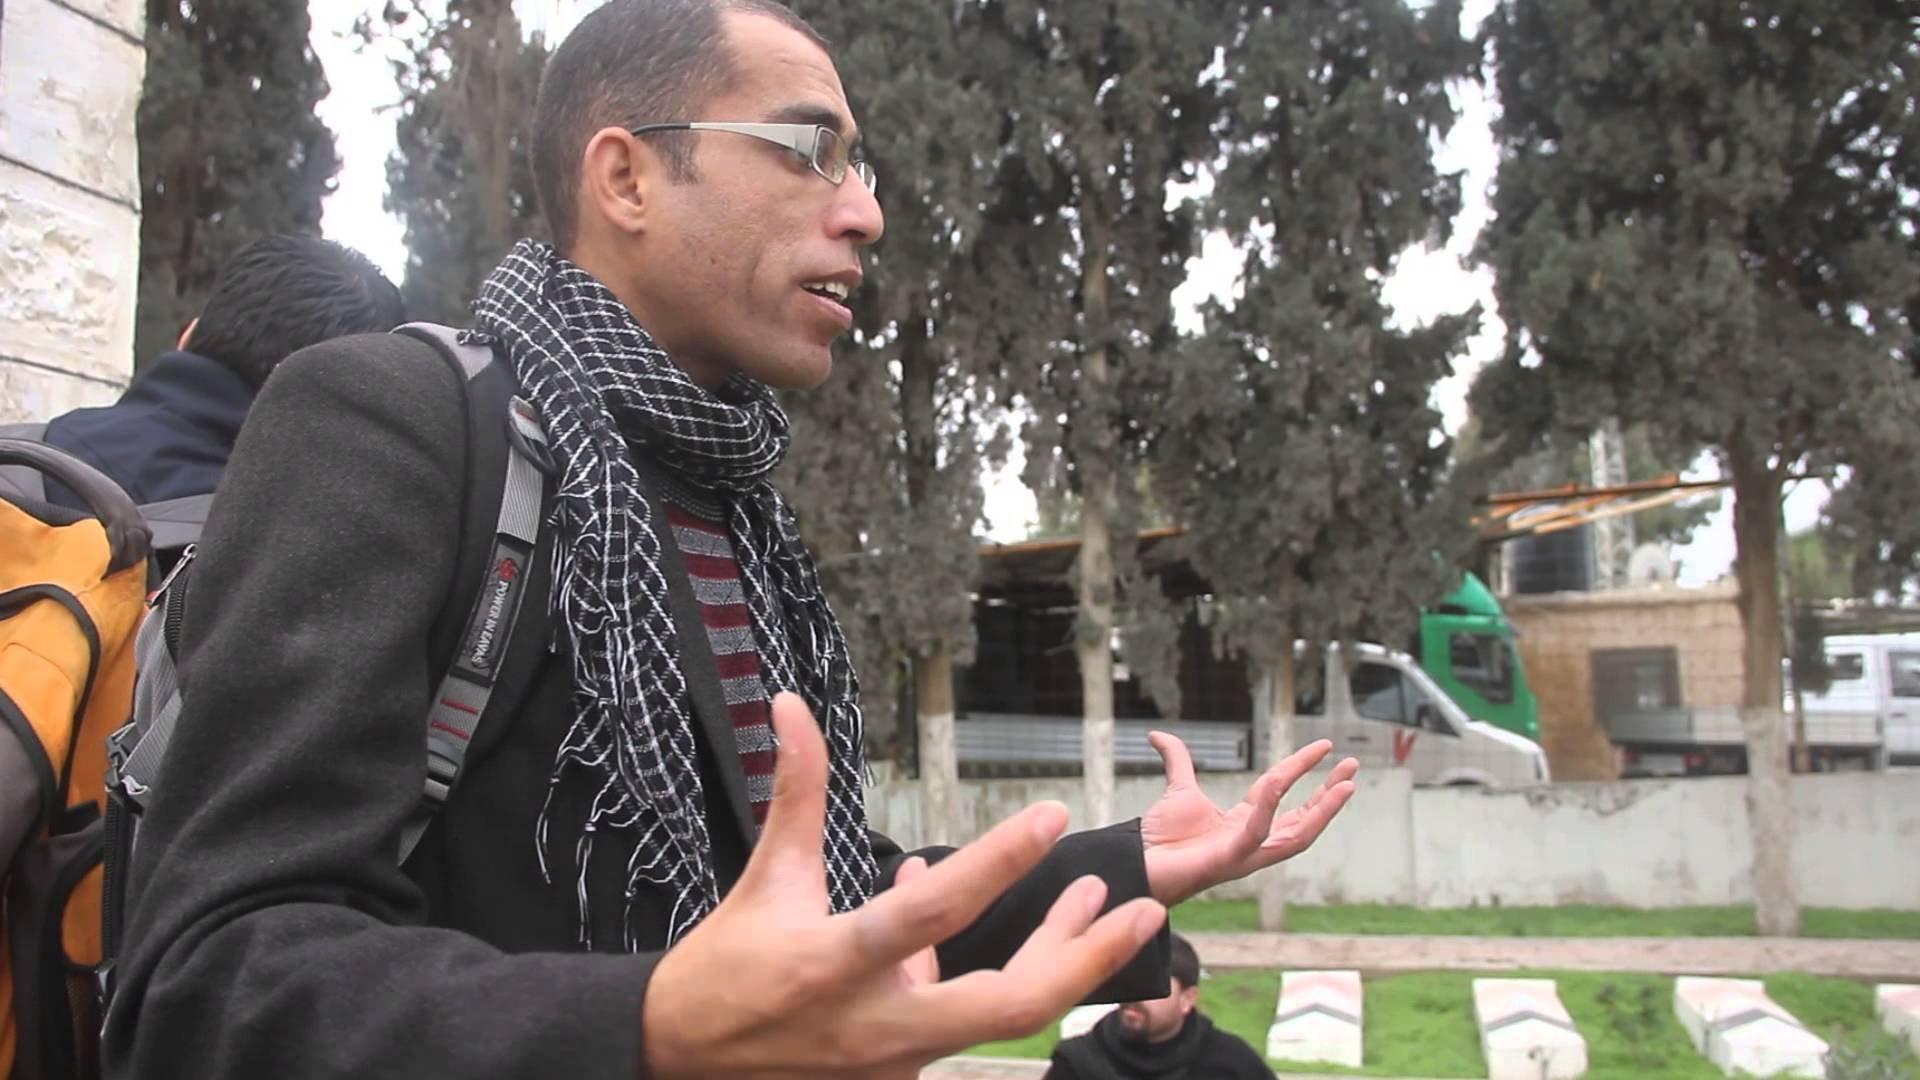 حصاد العام 2017 فلسطينيا... القدس والمصالحة تتصدران أحداث العالم